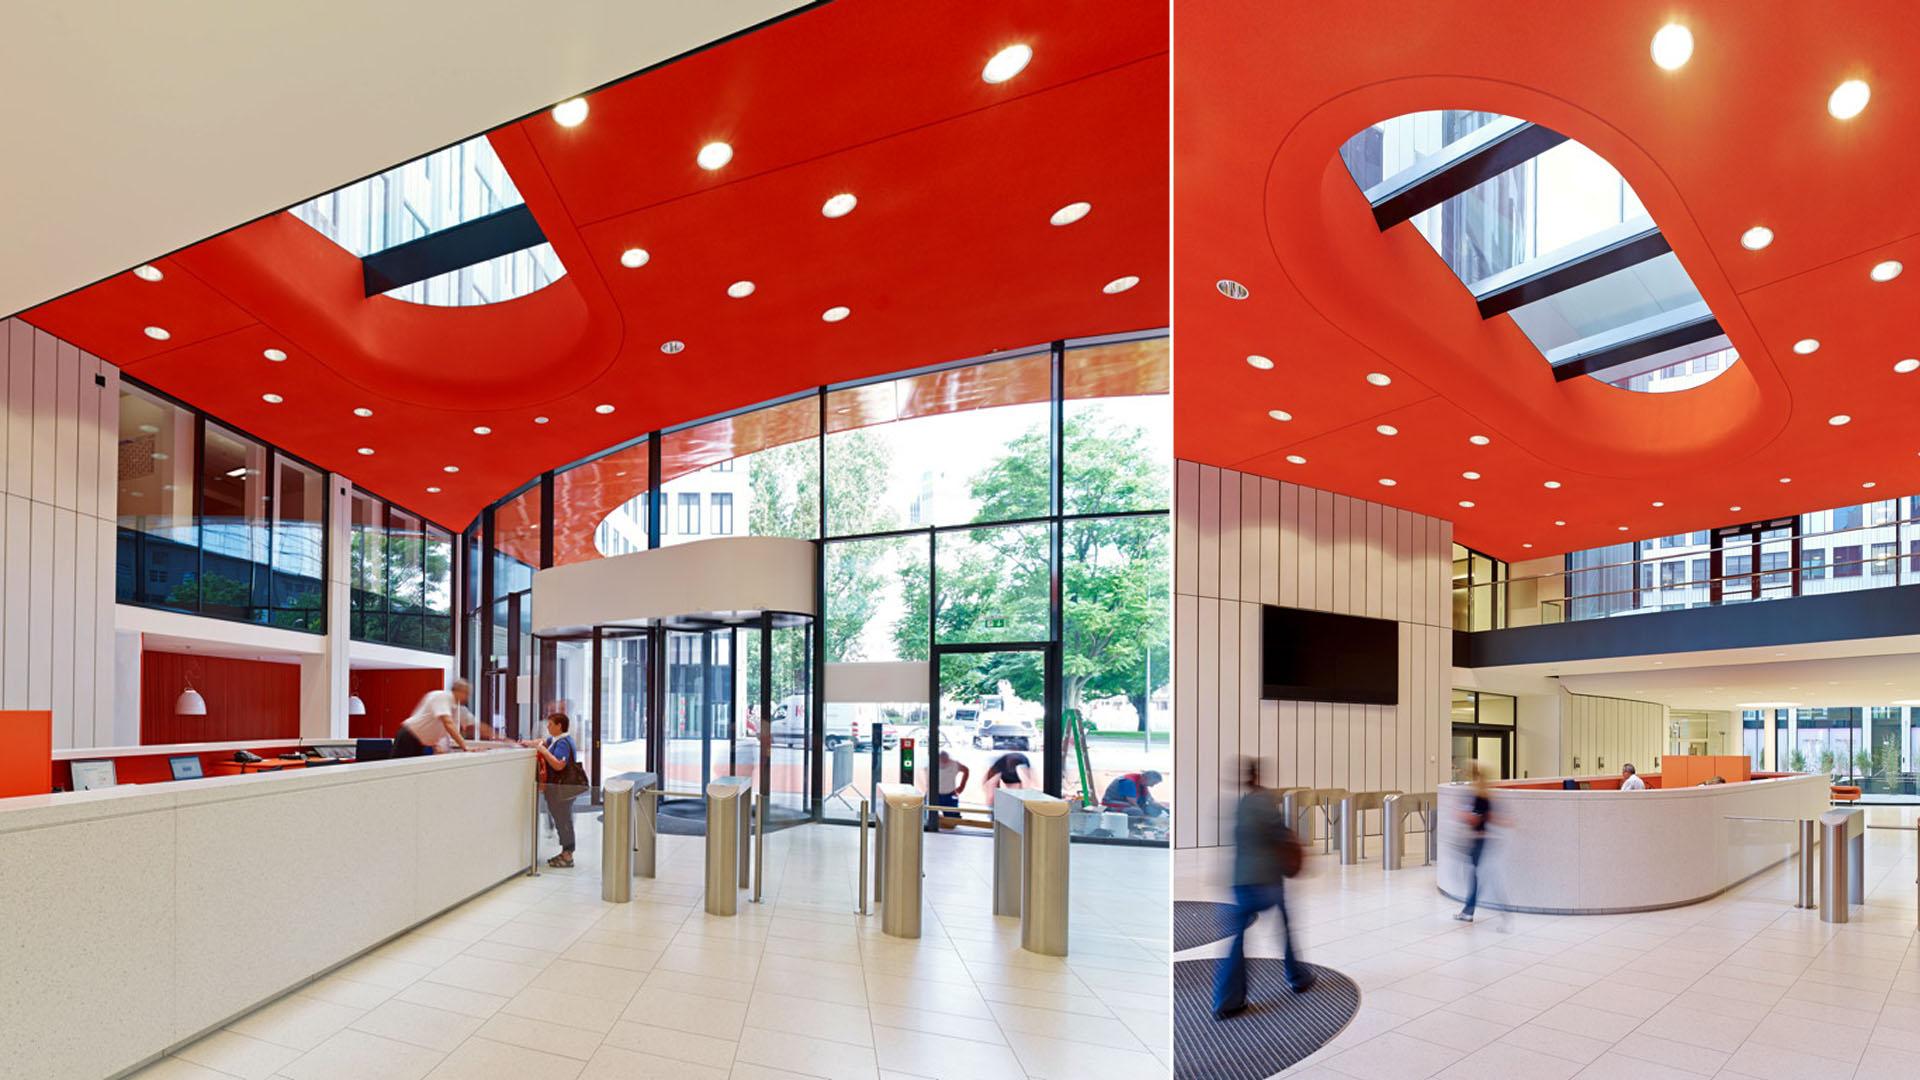 MAASS-Lichtplanung_Lichtplanung repräsentativer Bereiche der ING-DiBa Hauptzentrale__MAASS-Poseidonhaus-Innen-010